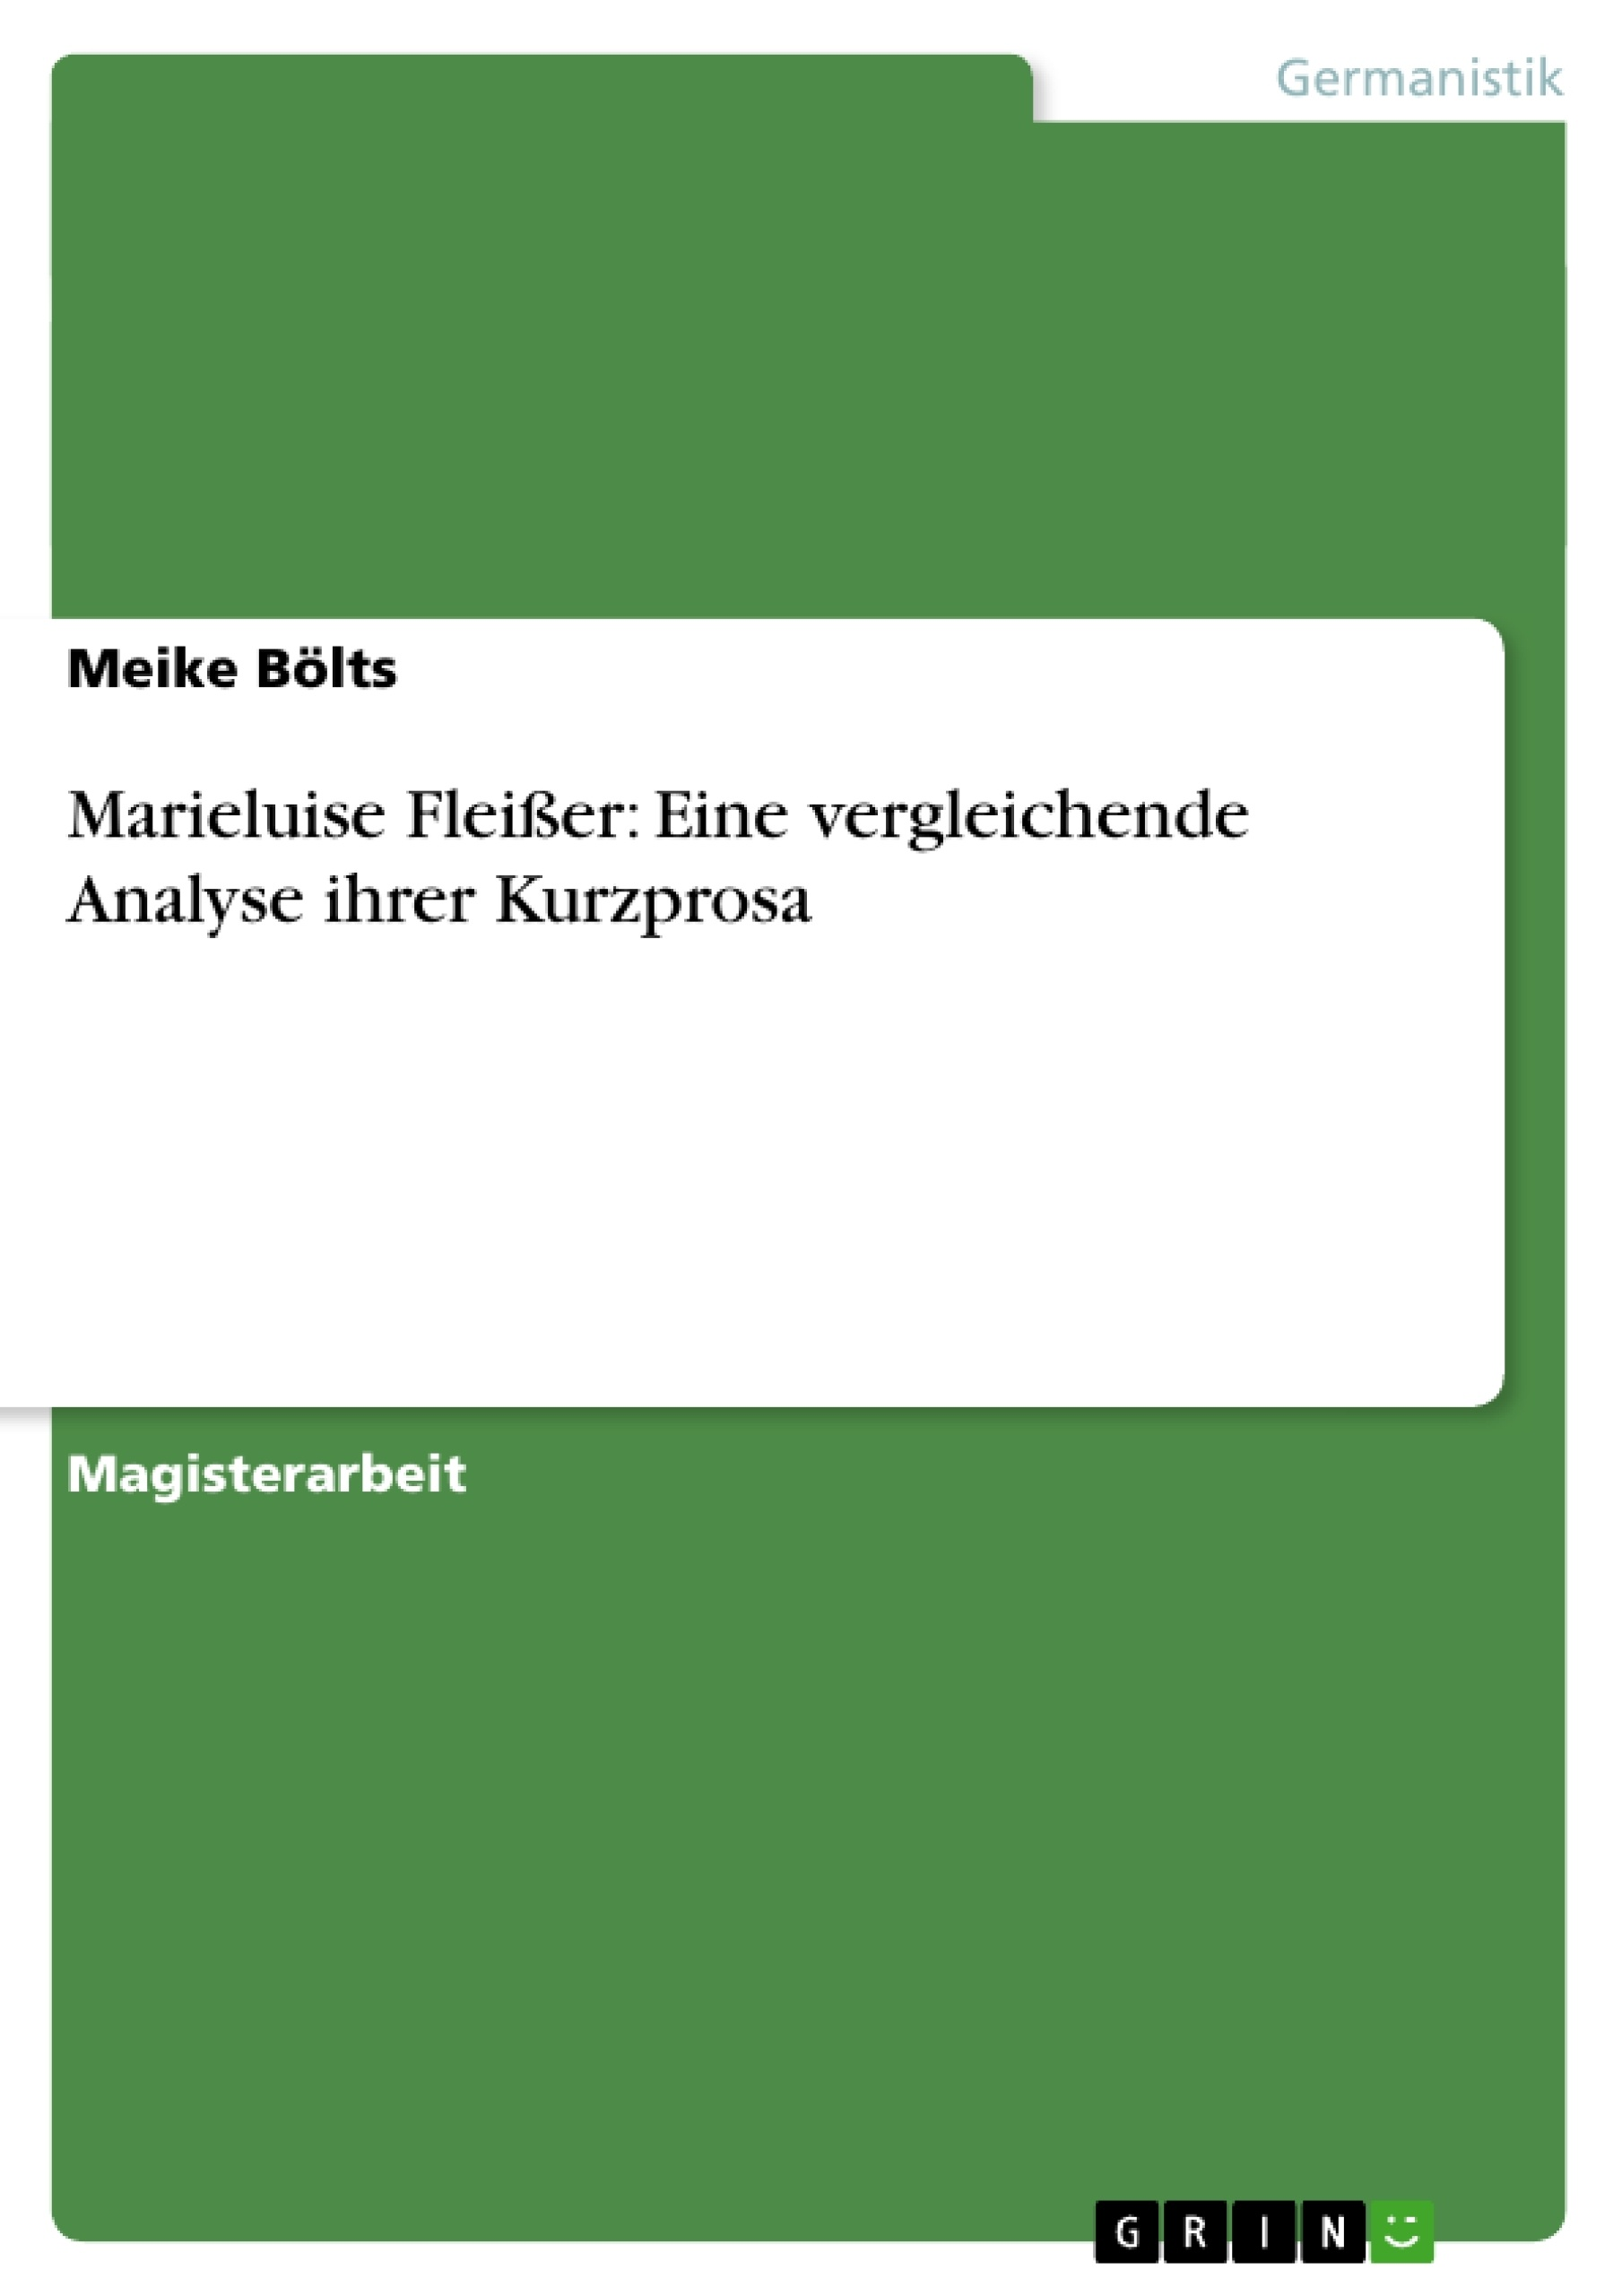 Niedlich Barkeeper Setzen Proben Fort Galerie - Entry Level Resume ...